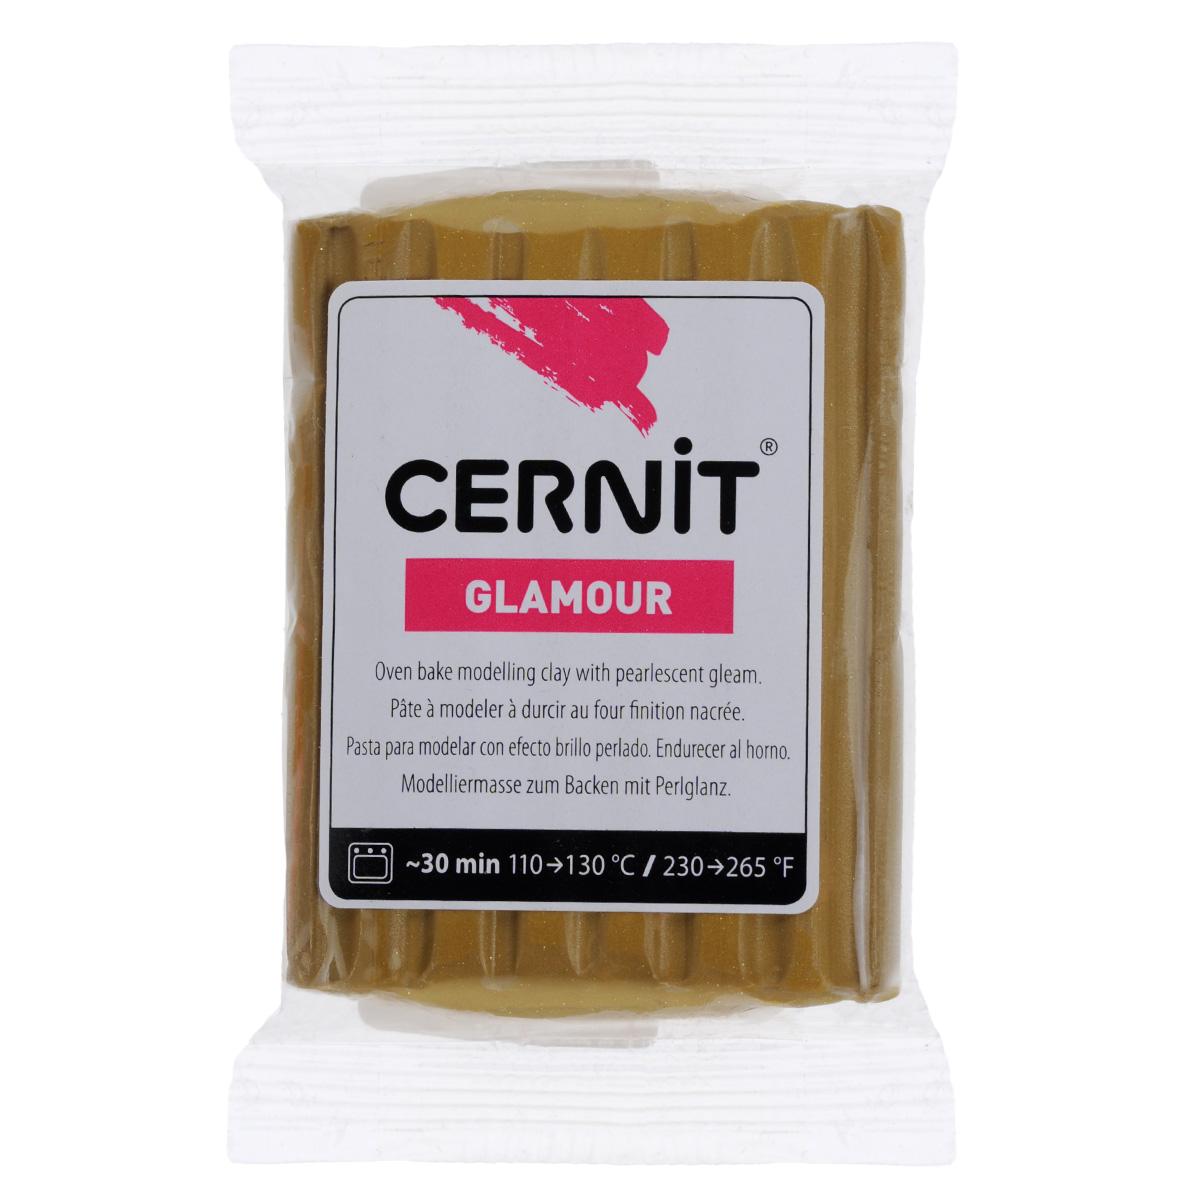 Пластика Cernit Glamour, перламутровая, цвет: антик, 56-62 г146284_055Пластика Cernit Glamour- это запекаемая и самоотвердевающая полимерная глина, предназначенная для лепки. Запекается в домашней печи при температуре до 130°С не более 30 минут. После запекания изделие приобретает твердость и может раскрашиваться красками и подвергаться механической обработке. Транспортировка и хранение пластики возможно только при положительной температуре. Рекомендовано для детей старше 8 лет.